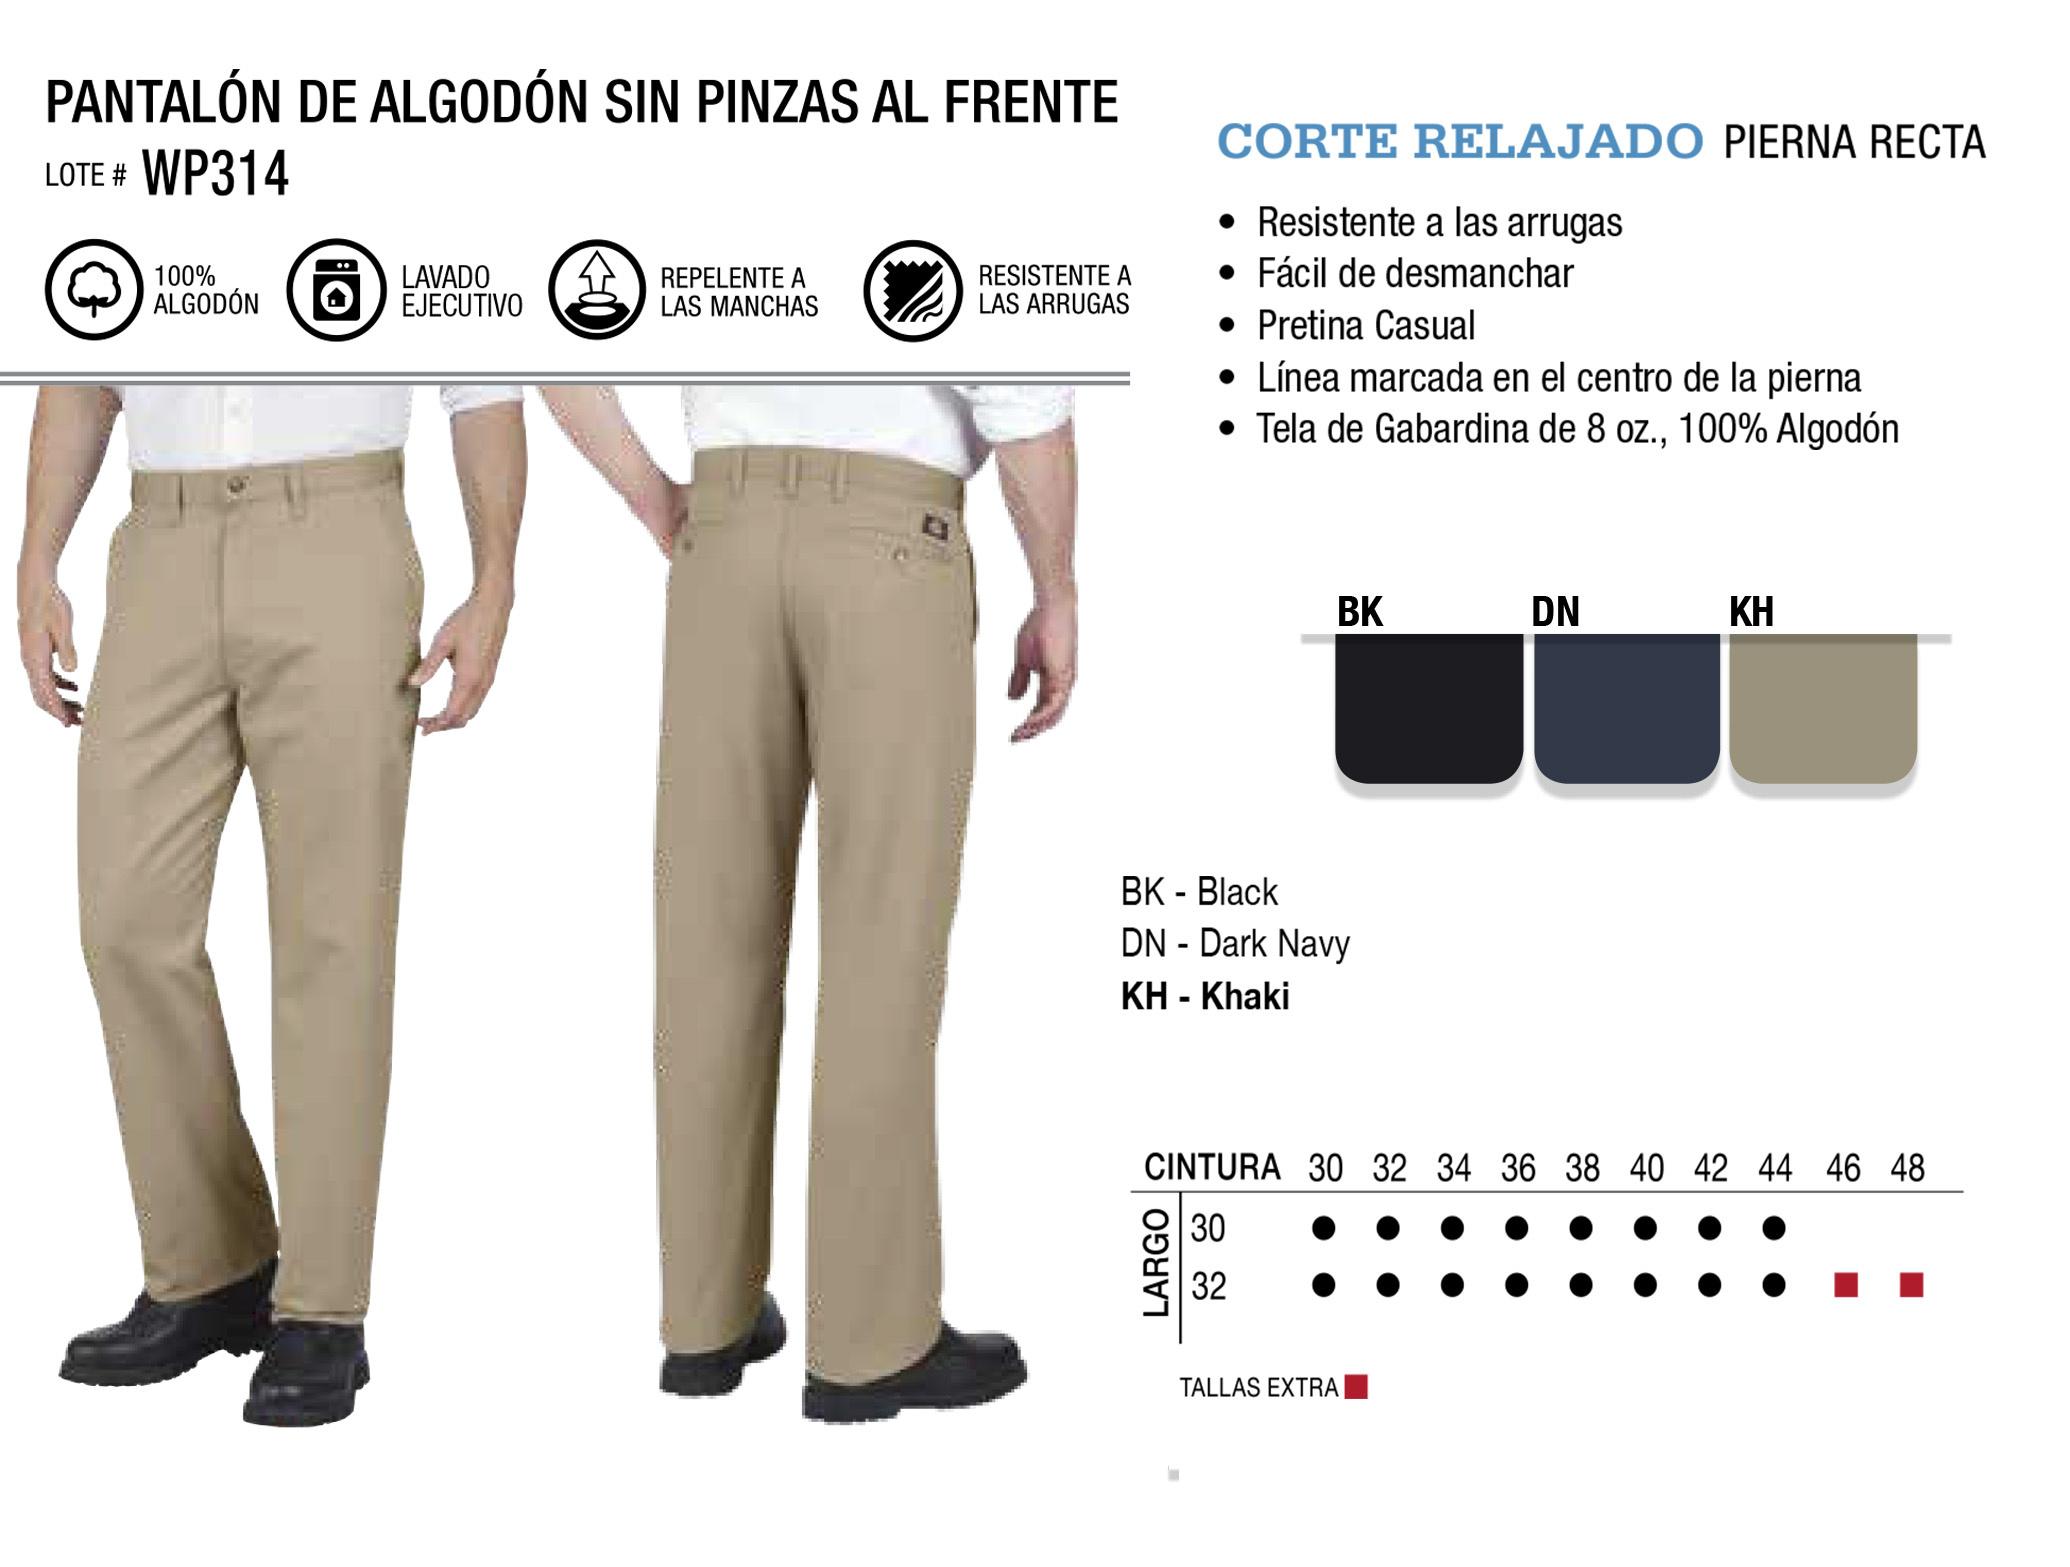 Pantalón de Algodón sin Pinzas al Frente. Corte Relajado. WP314.